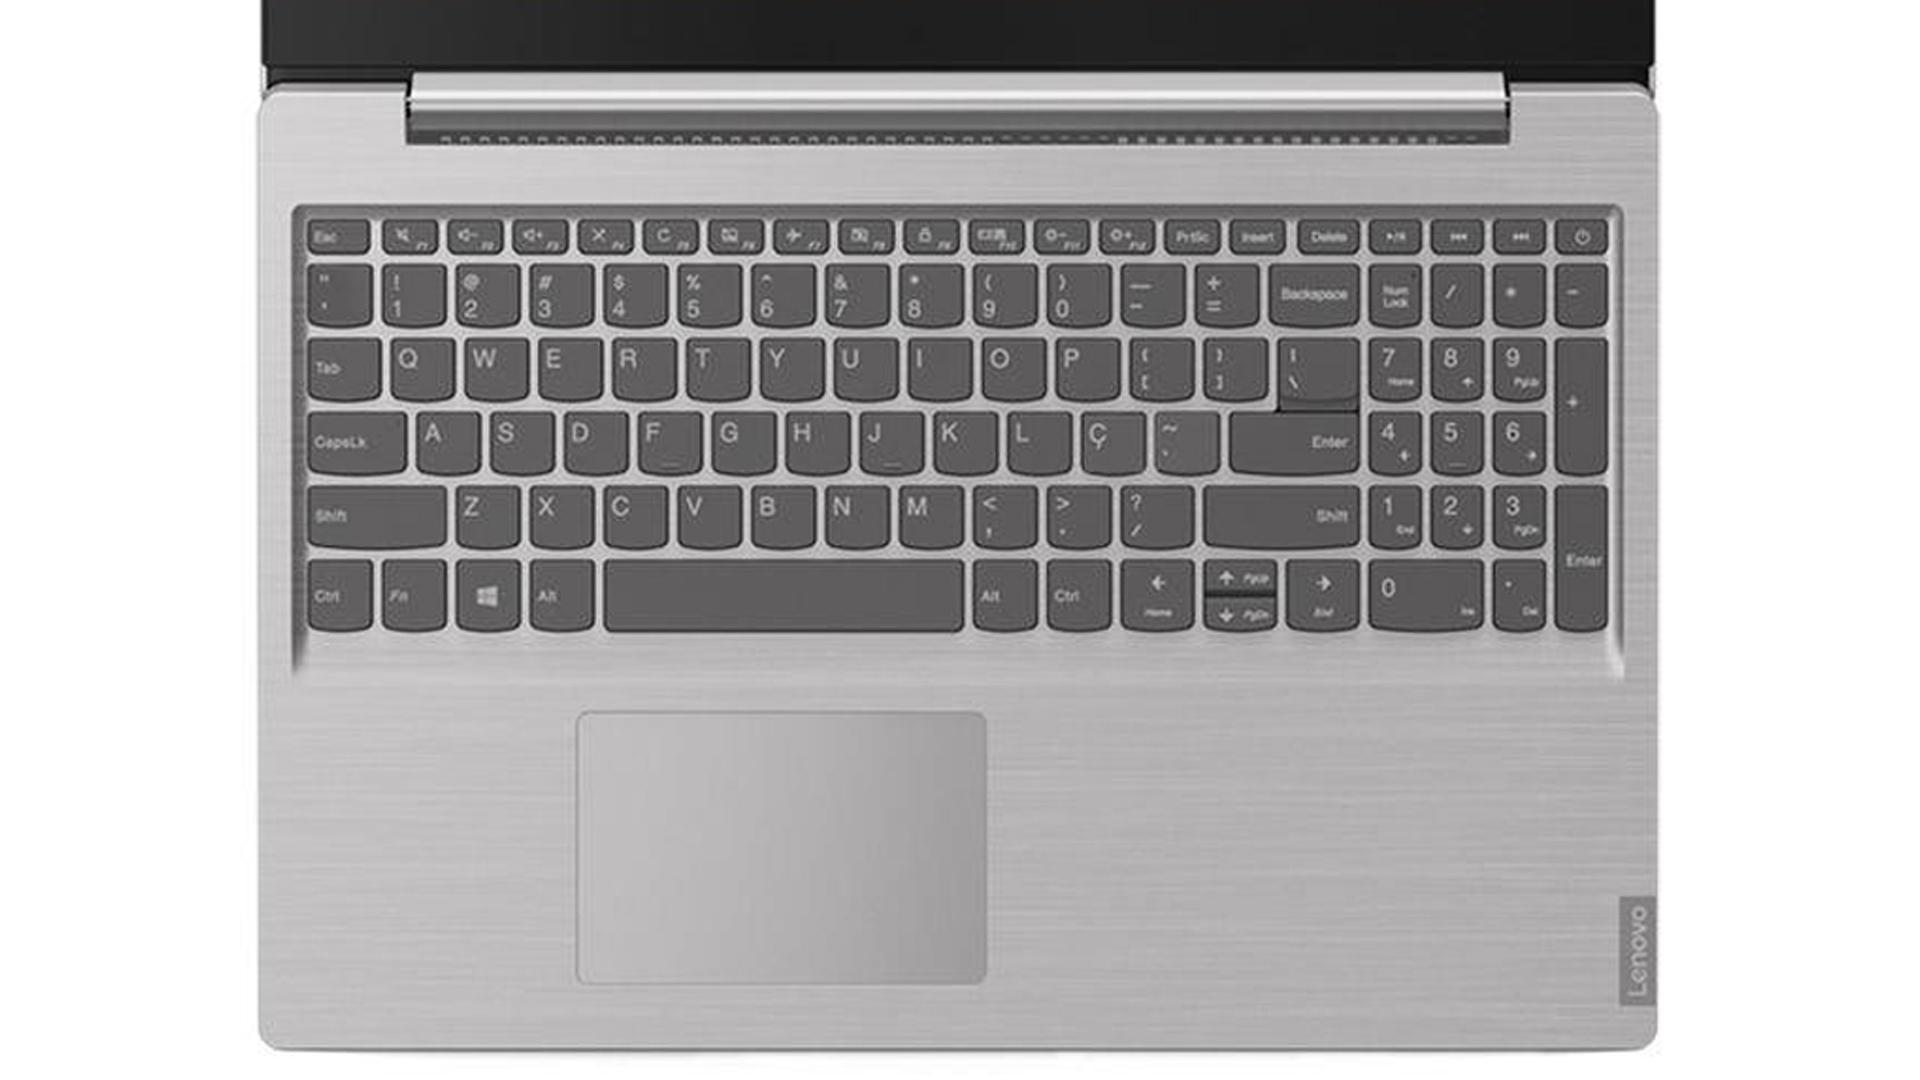 Teclado e touchpad do IdeaPad S145 (81S90005BR)